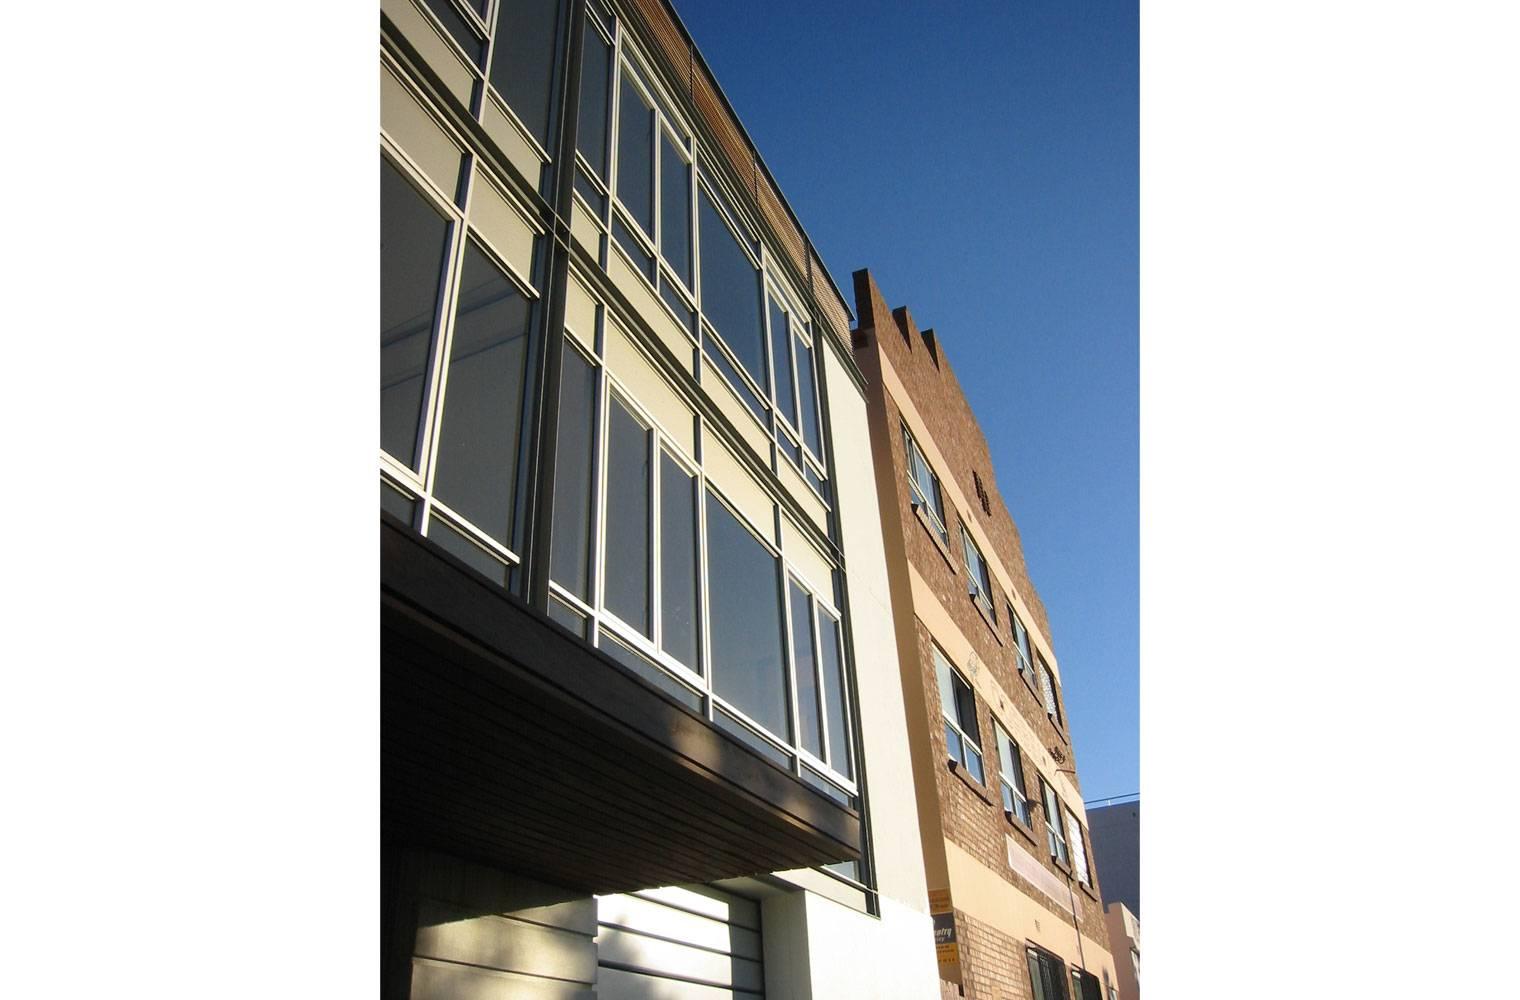 218 Buitengragt Street - Facade Detail